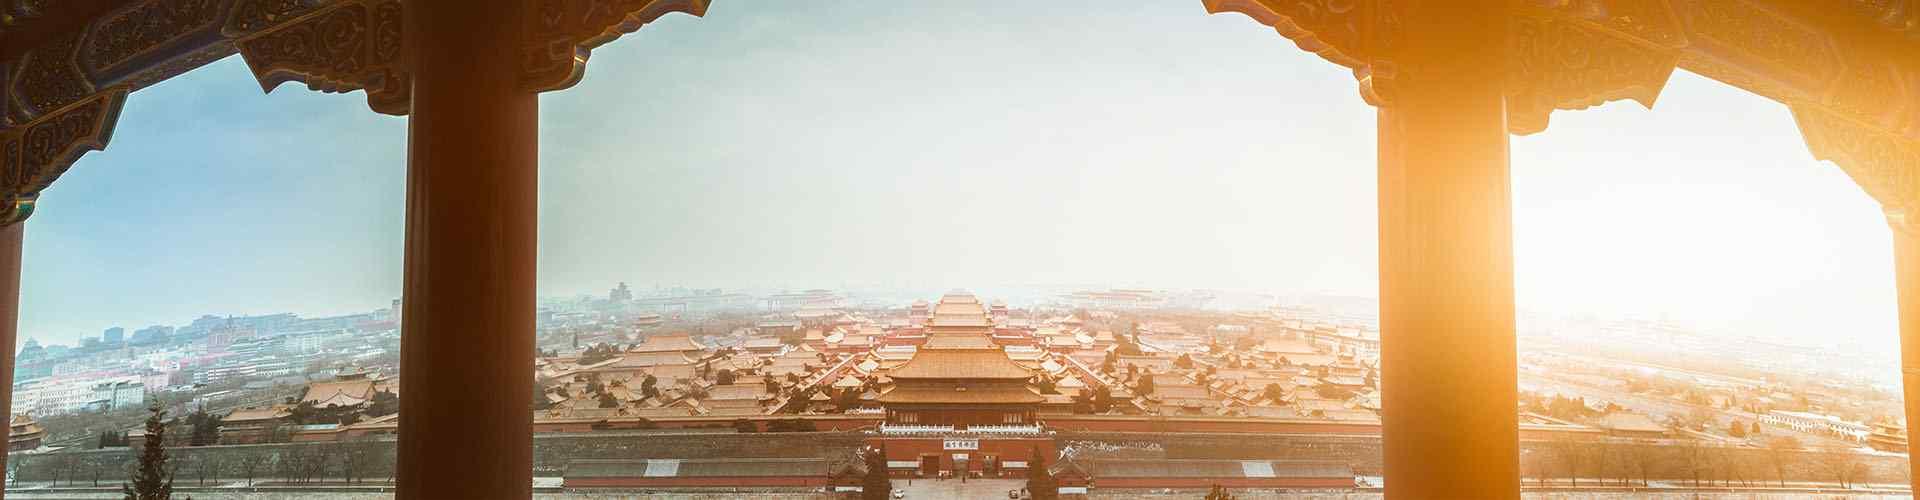 北京故宫风景_北京故宫图片_故宫角楼图片_故宫风景壁纸